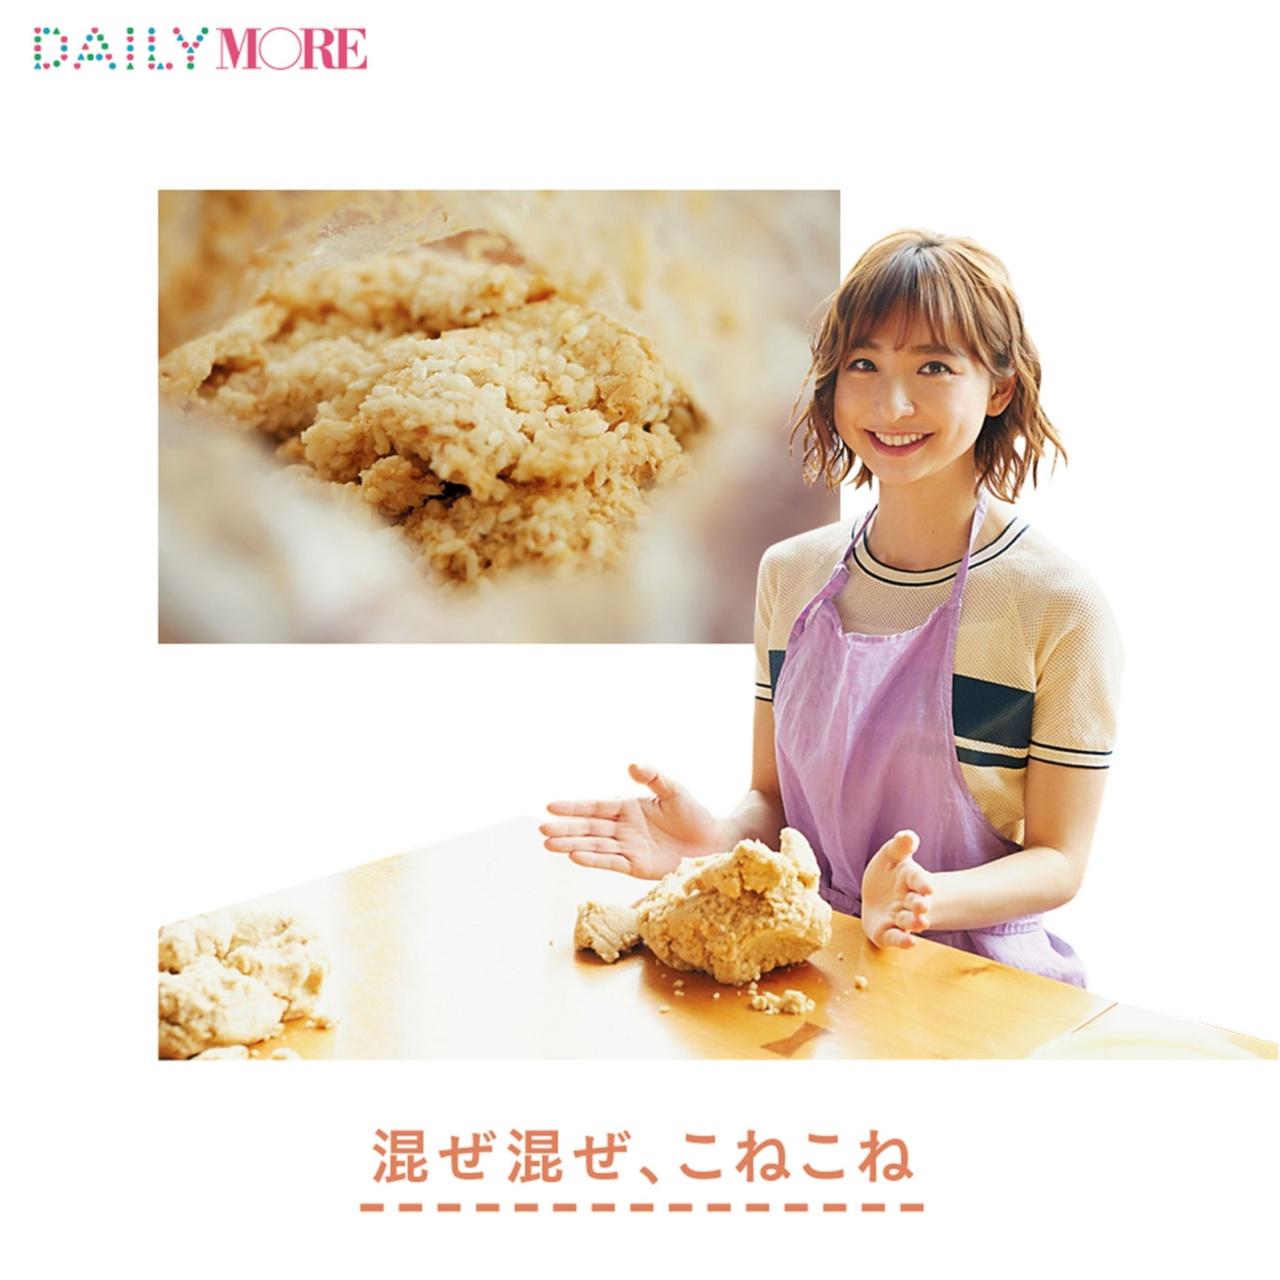 篠田麻里子が体験♡ 話題の「みそ作り」に行こう!【麻里子のナライゴトハジメ】_2_2